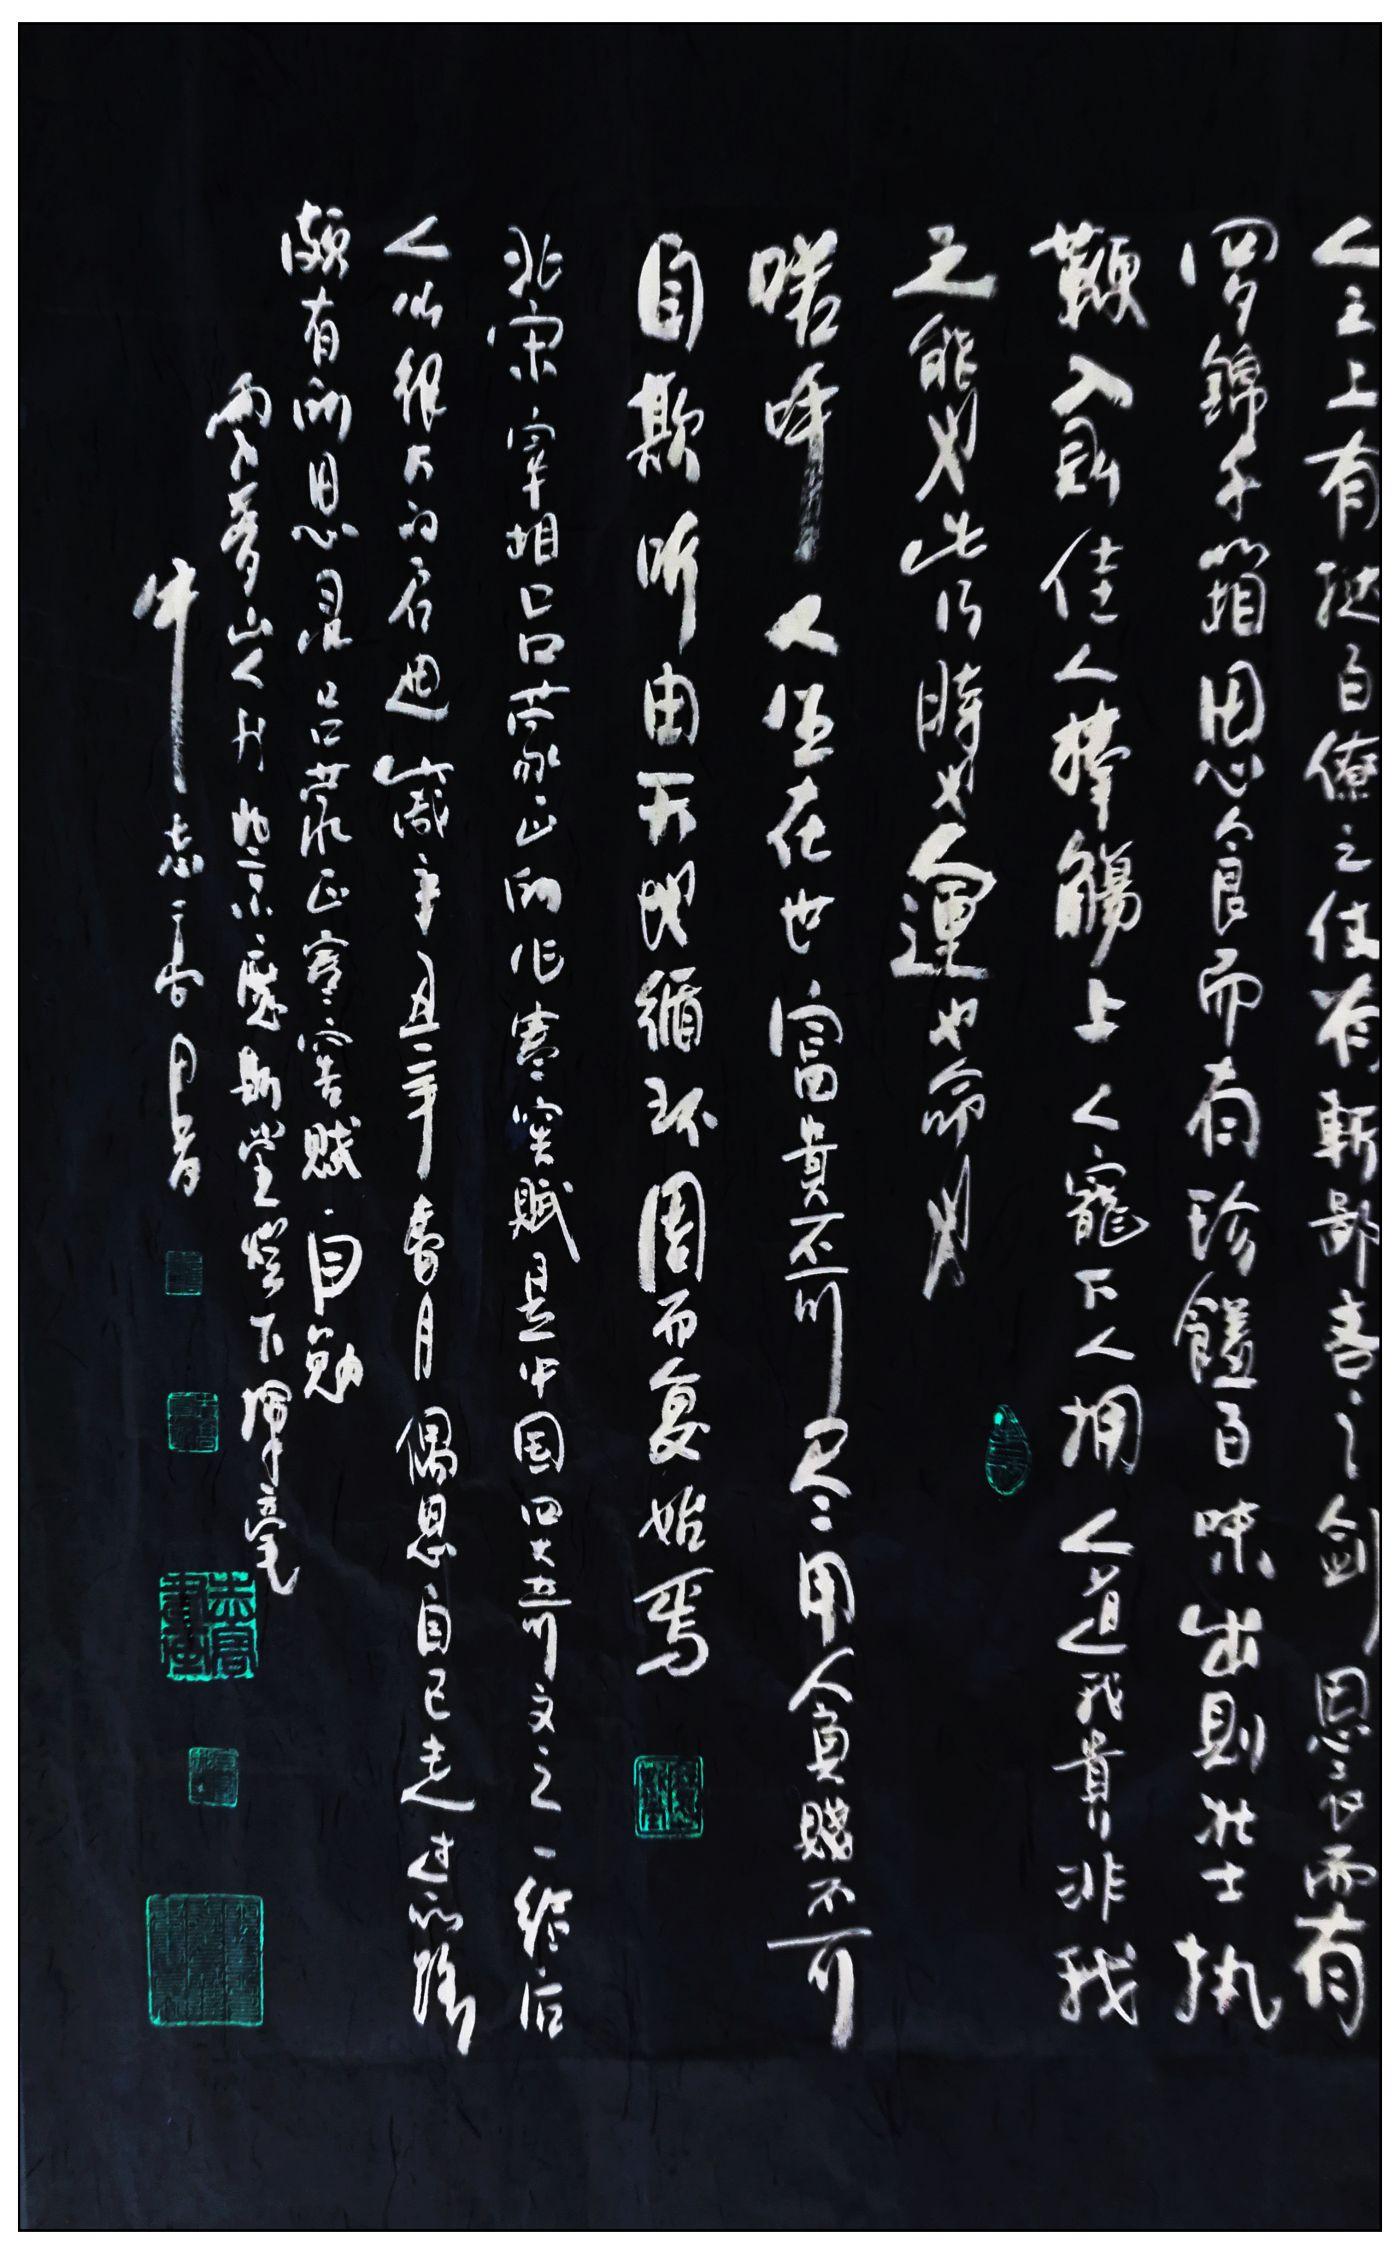 牛志高书法2021.04.16_图1-6